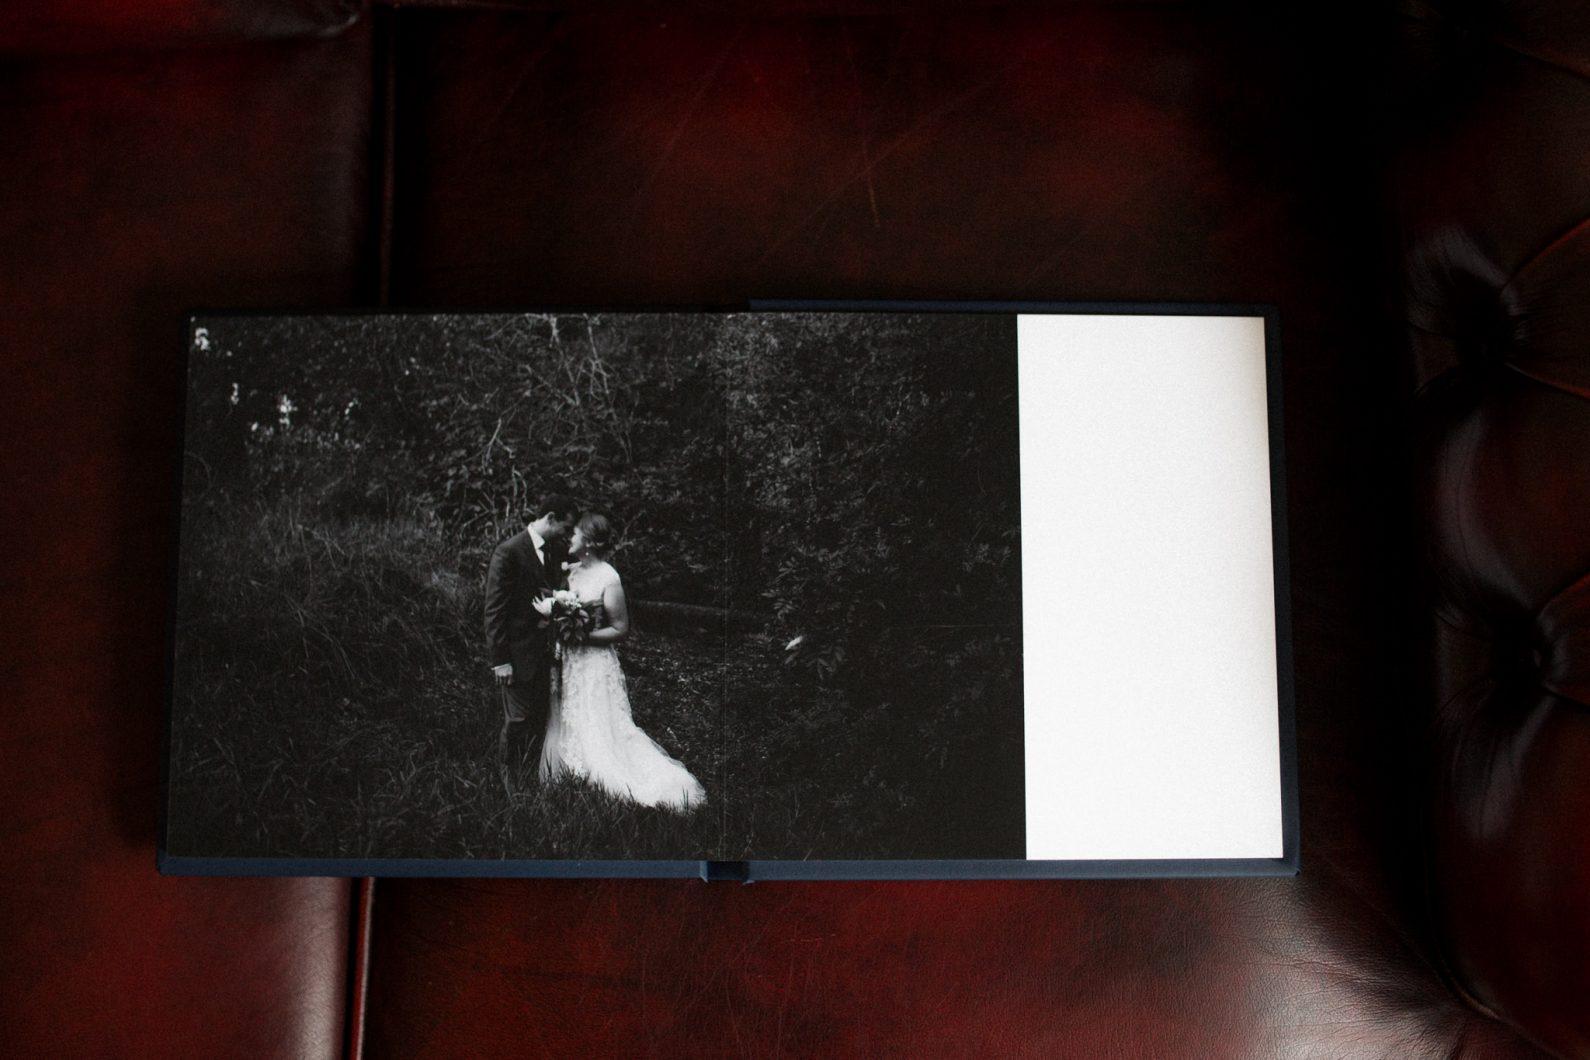 river-and-fern-wedding-album-12